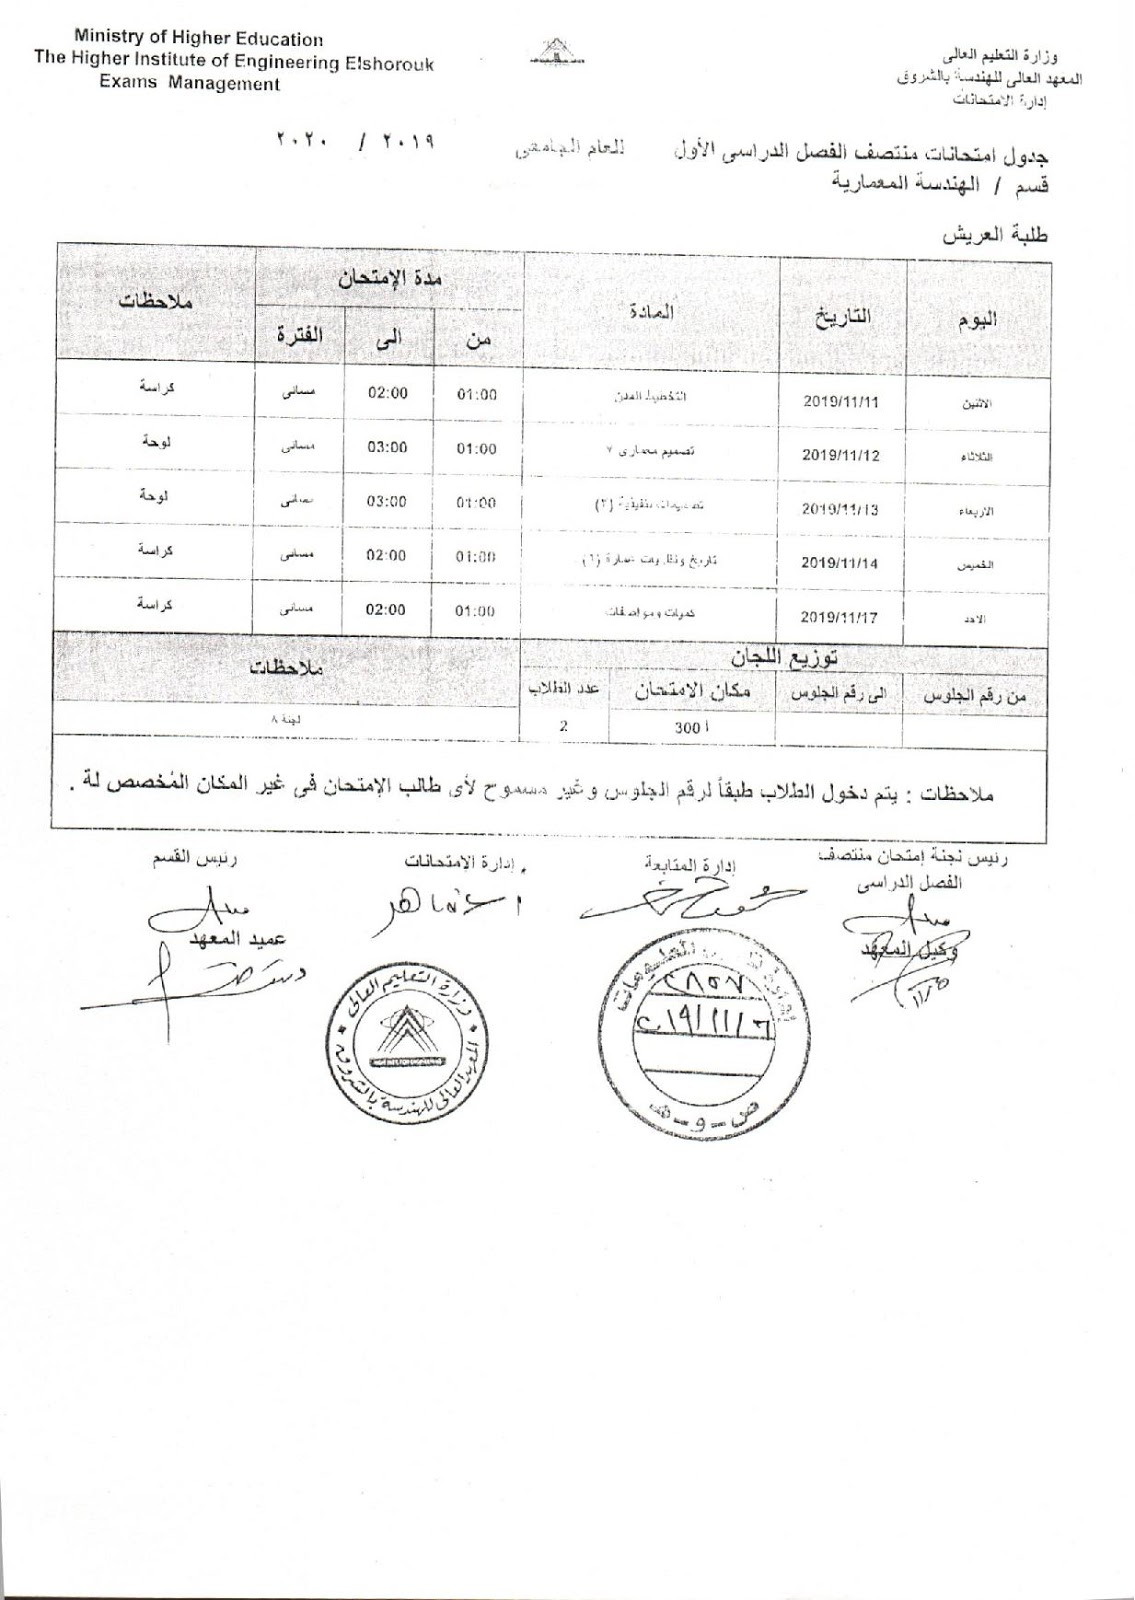 جدول امتحانات اكاديمية الشروق هندسة معمارية طلبة العريش ميدترم 2019-2020